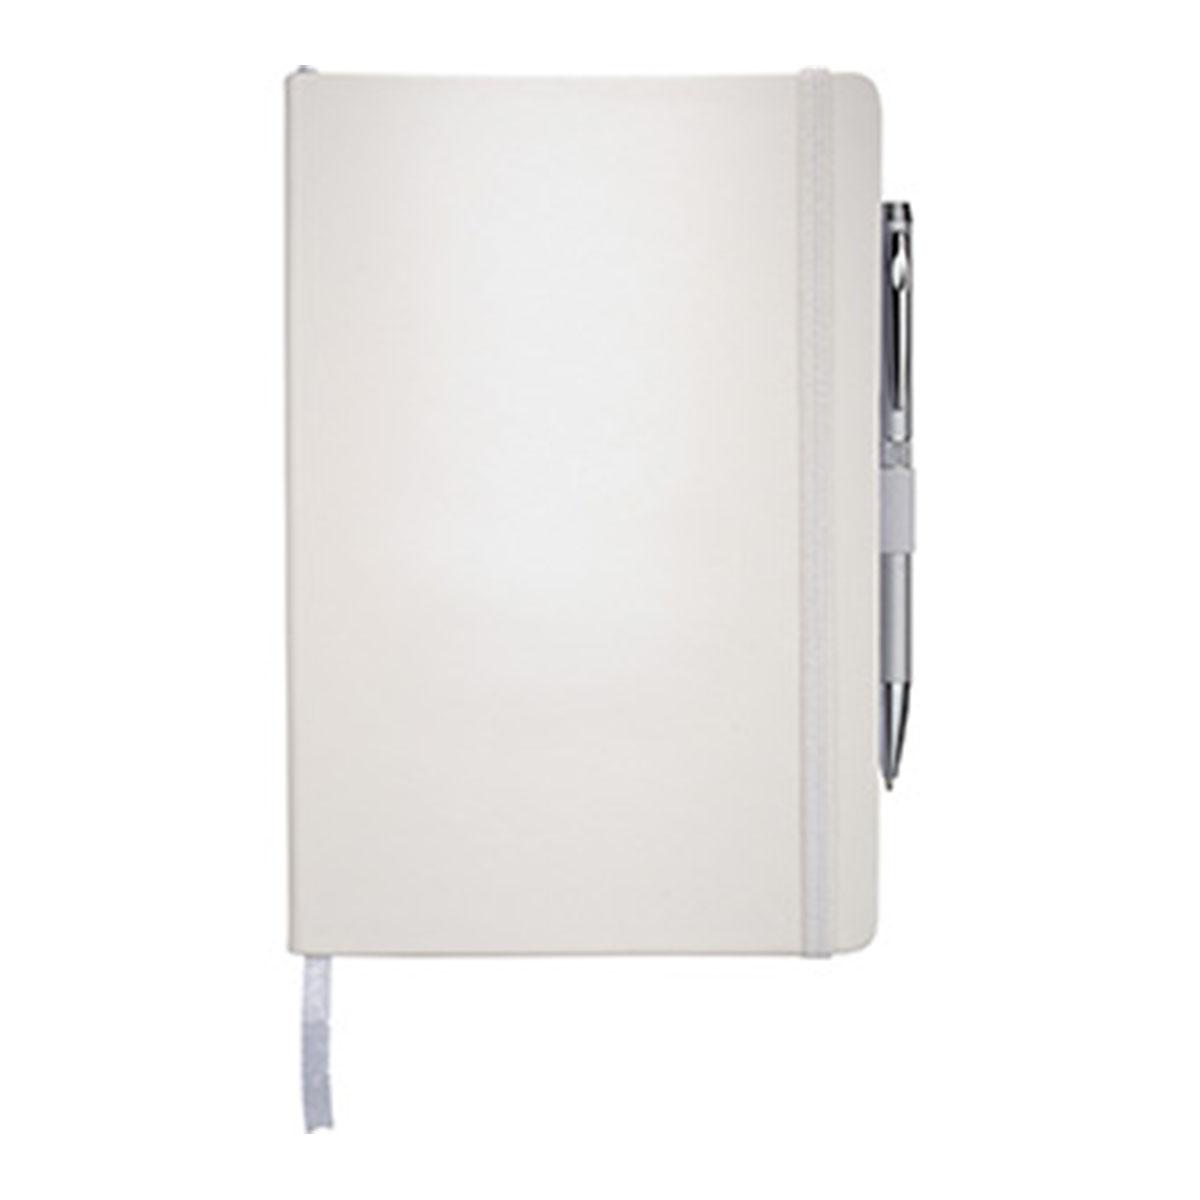 Nova Bound JournalBook-White